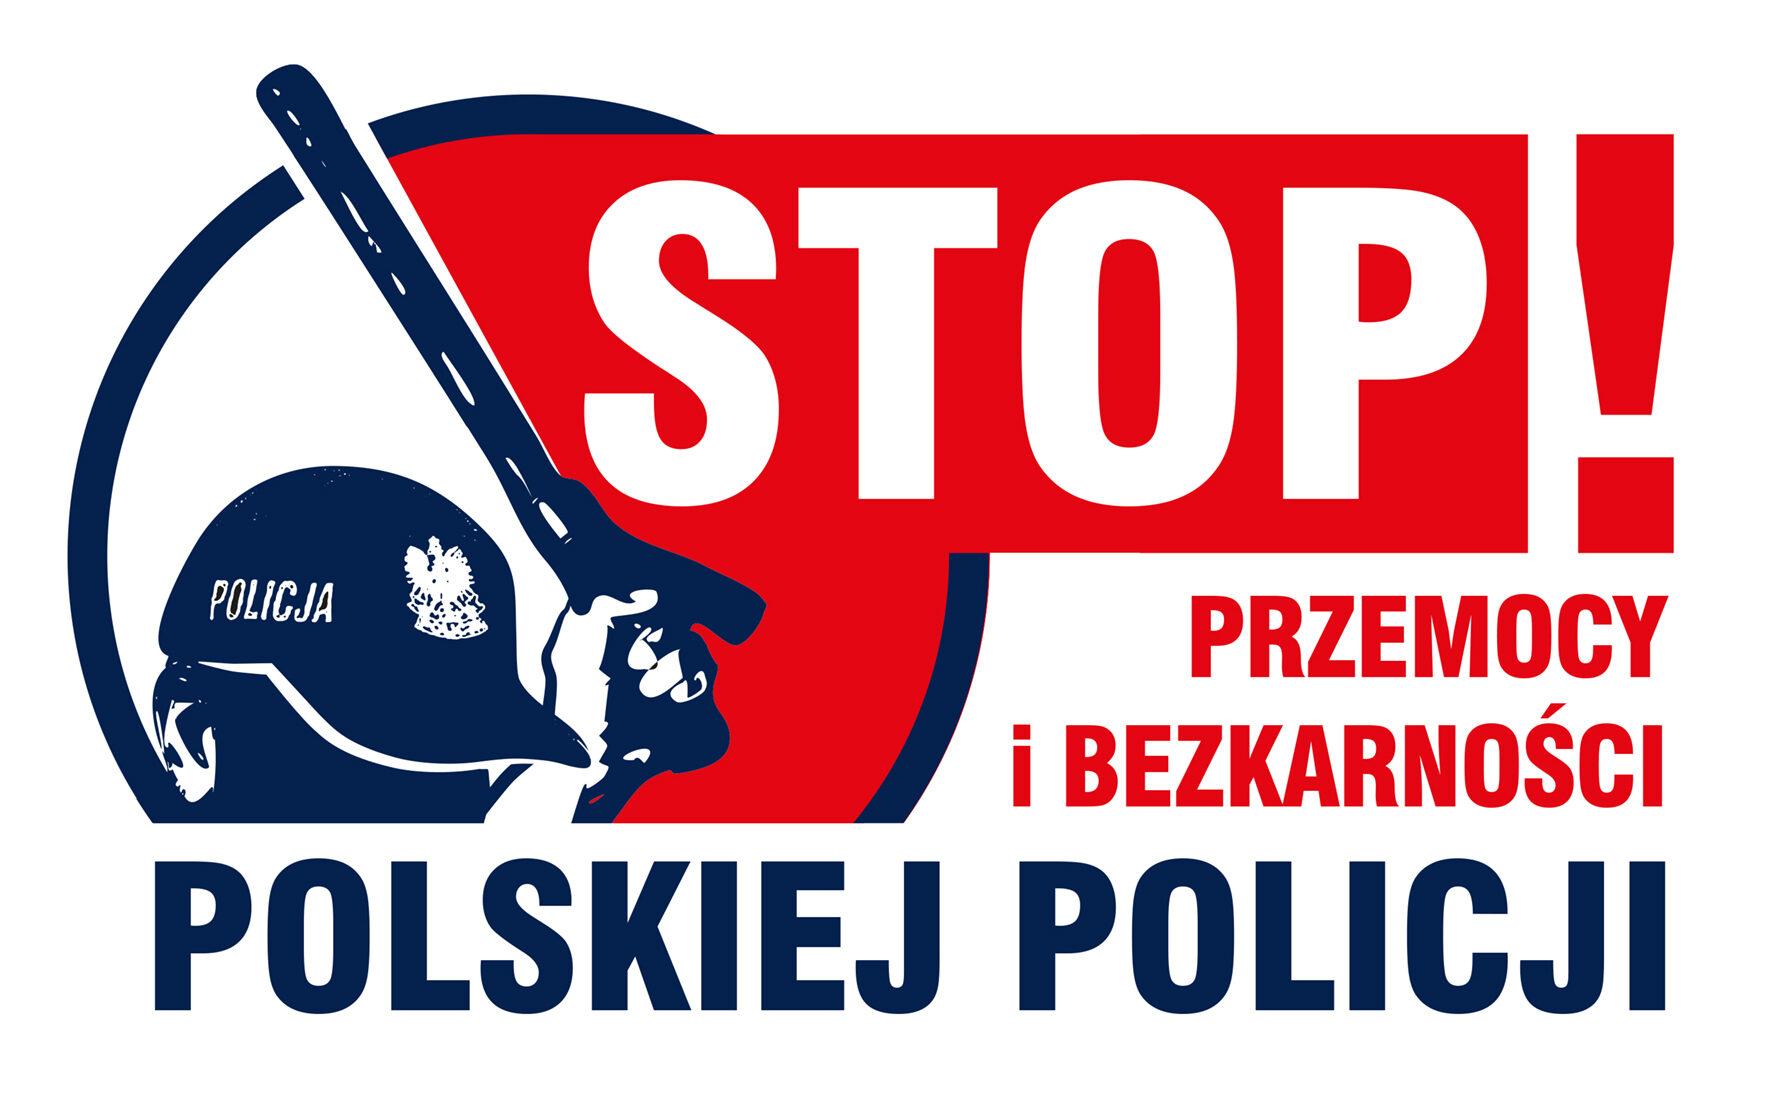 Apel przeciw przemocy i bezkarności Policji w Polsce